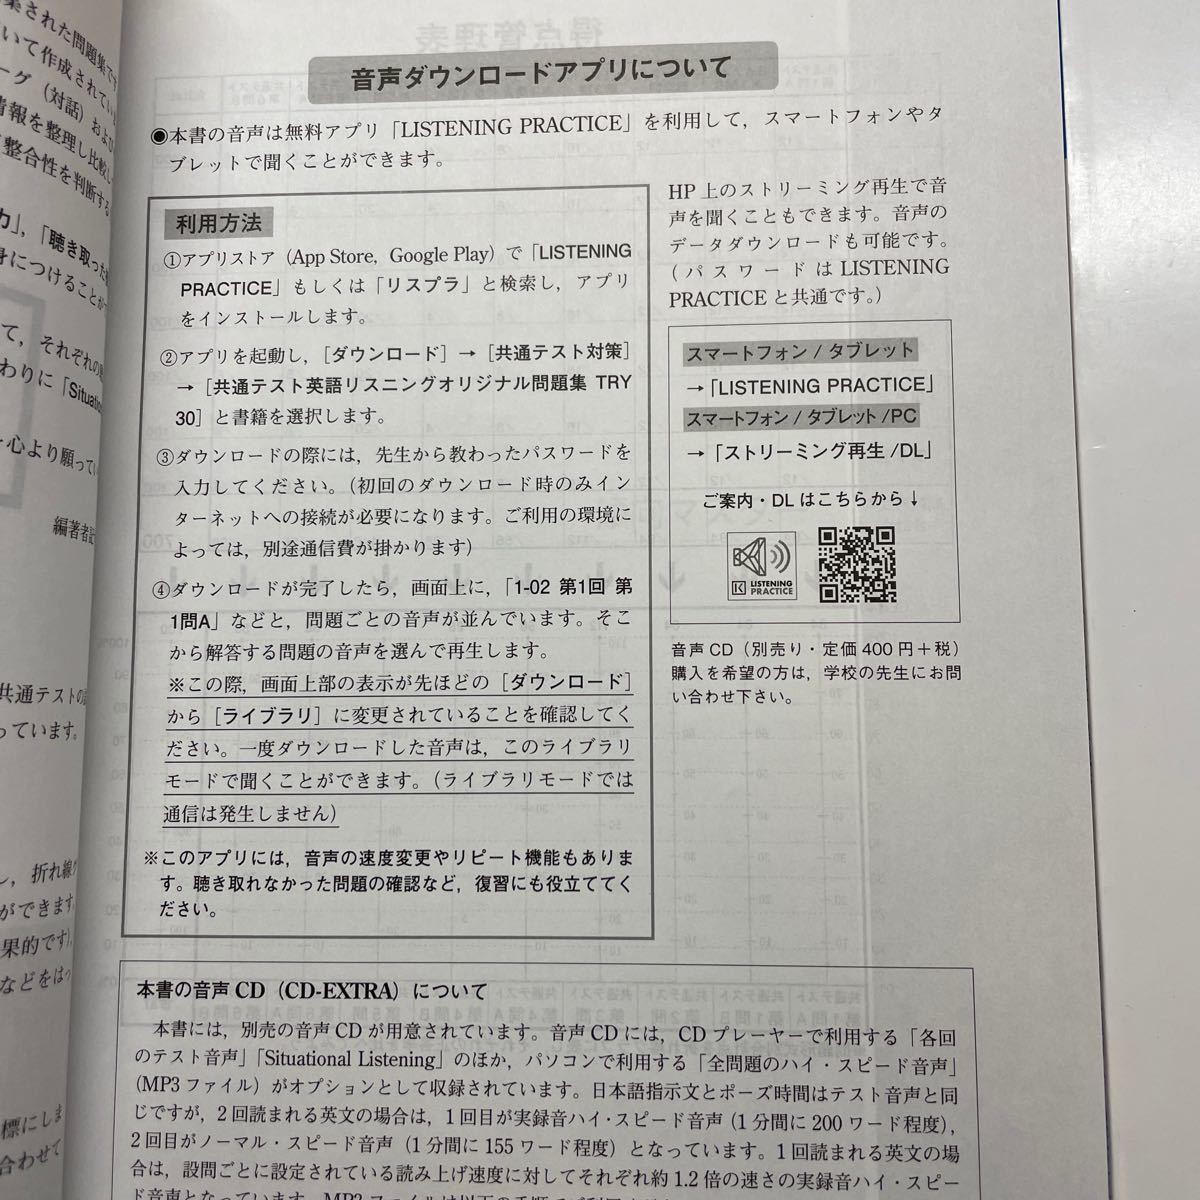 共通テスト英語リスニング対策